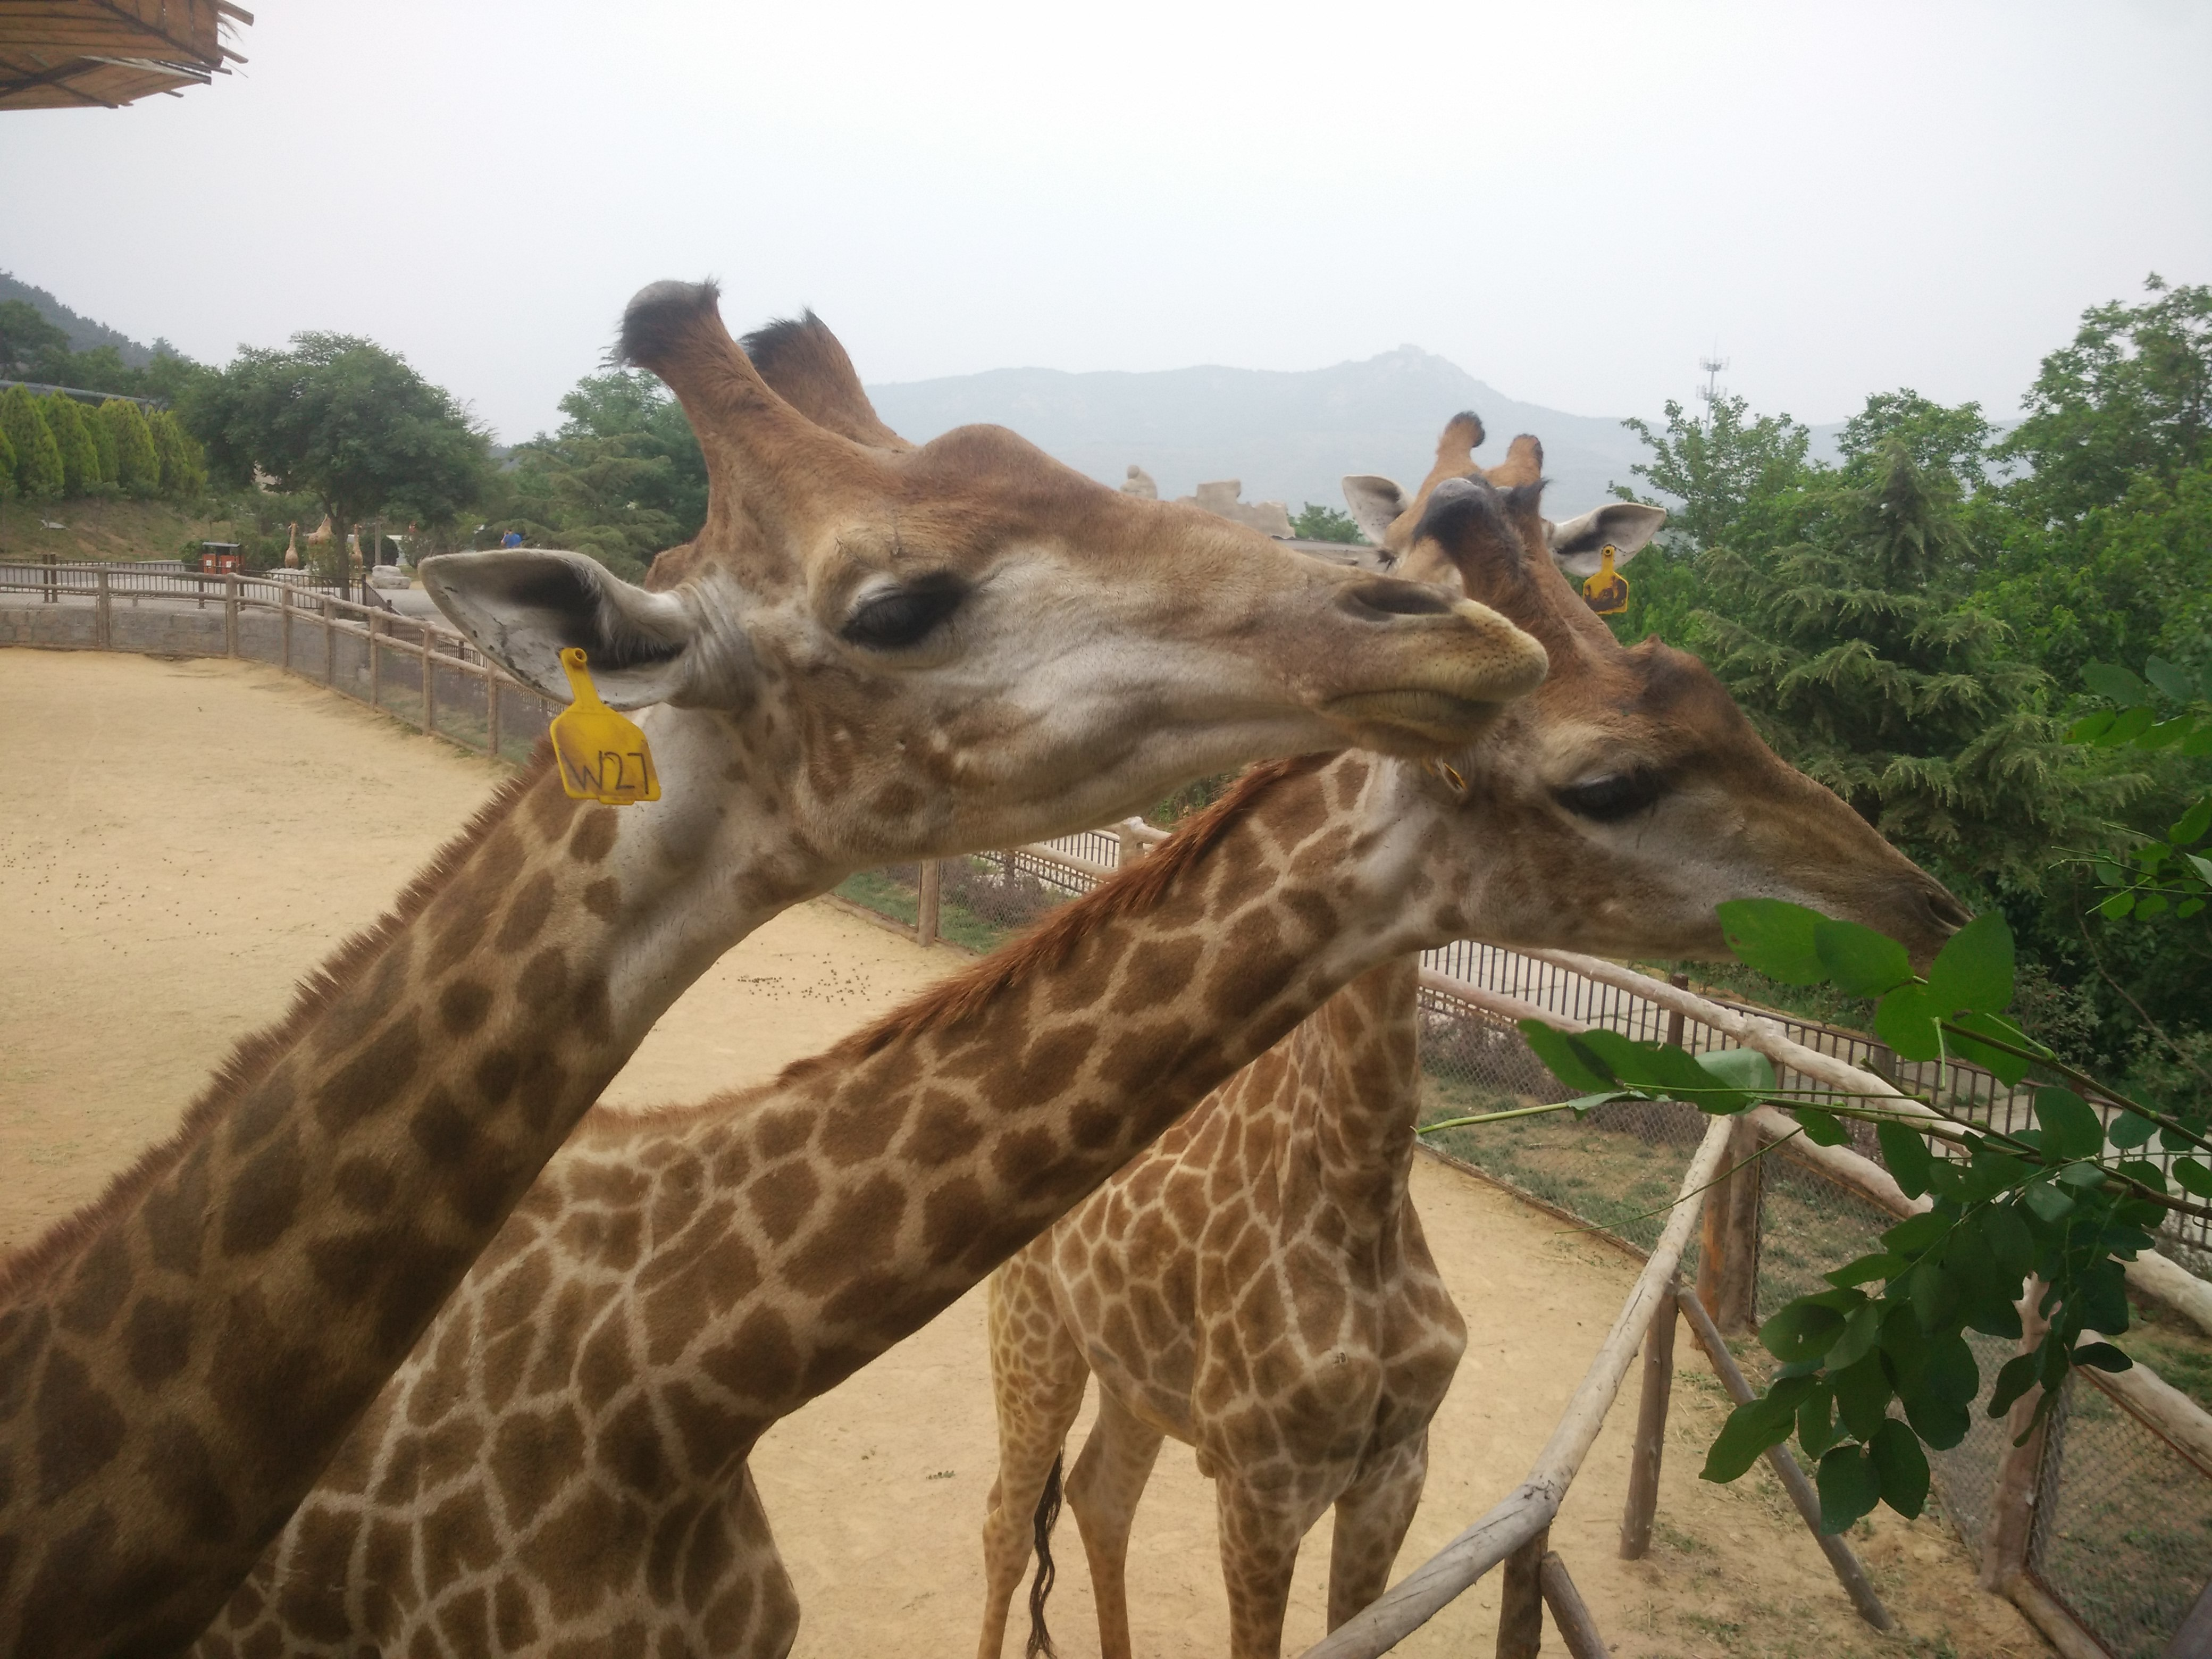 青岛最大的野生动物园,每年至少带孩子来两次。孩子很喜欢喂小动物,有爱心是件好事。 上次来是半年前冬天的时候,园里有点光秃,很多小动物都跑到室内取暖。所以味道比较大。还是夏天好,大多数动物都可以露天放养,方便人们观赏。 这次很努力的捕捉了一些动物可爱的瞬间,还带了些吃的喂小动物们,它们都抢着吃,想必是饿了。 每次来都看到有在建的项目,这次河马直接不见了。希望越建越好,壮大我大青岛!